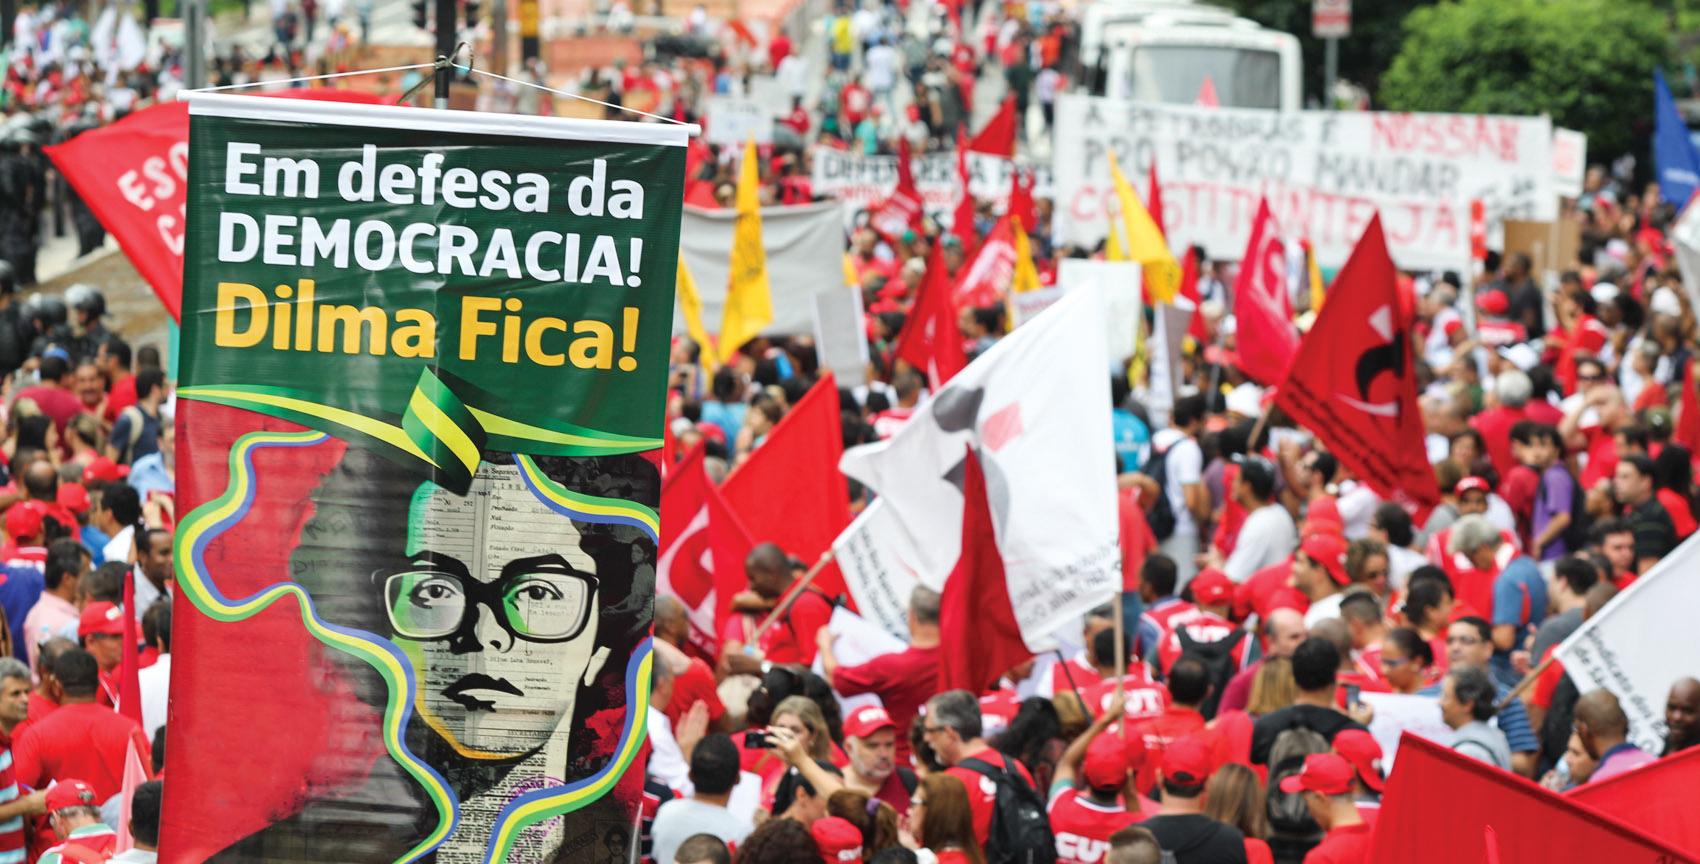 Dilma-NÃO-VAI-TER-GOLPE